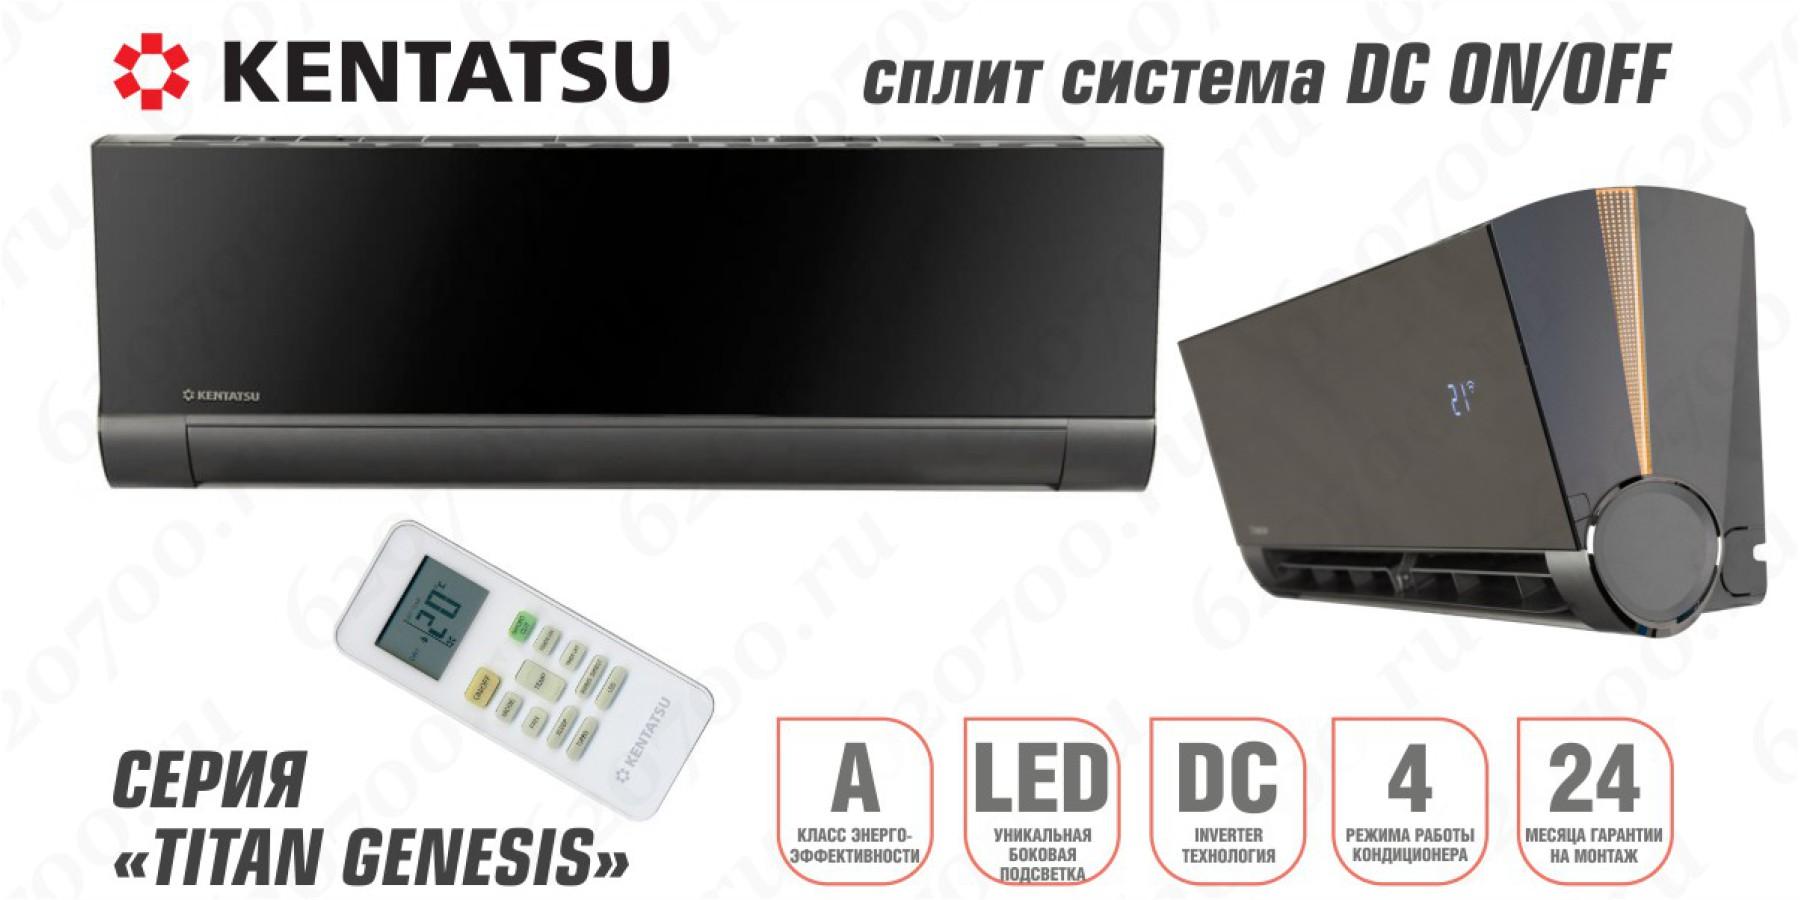 Сплит-система KENTATSU KSGX70HFAN1 / KSRX70HFAN1 цвет чёрный